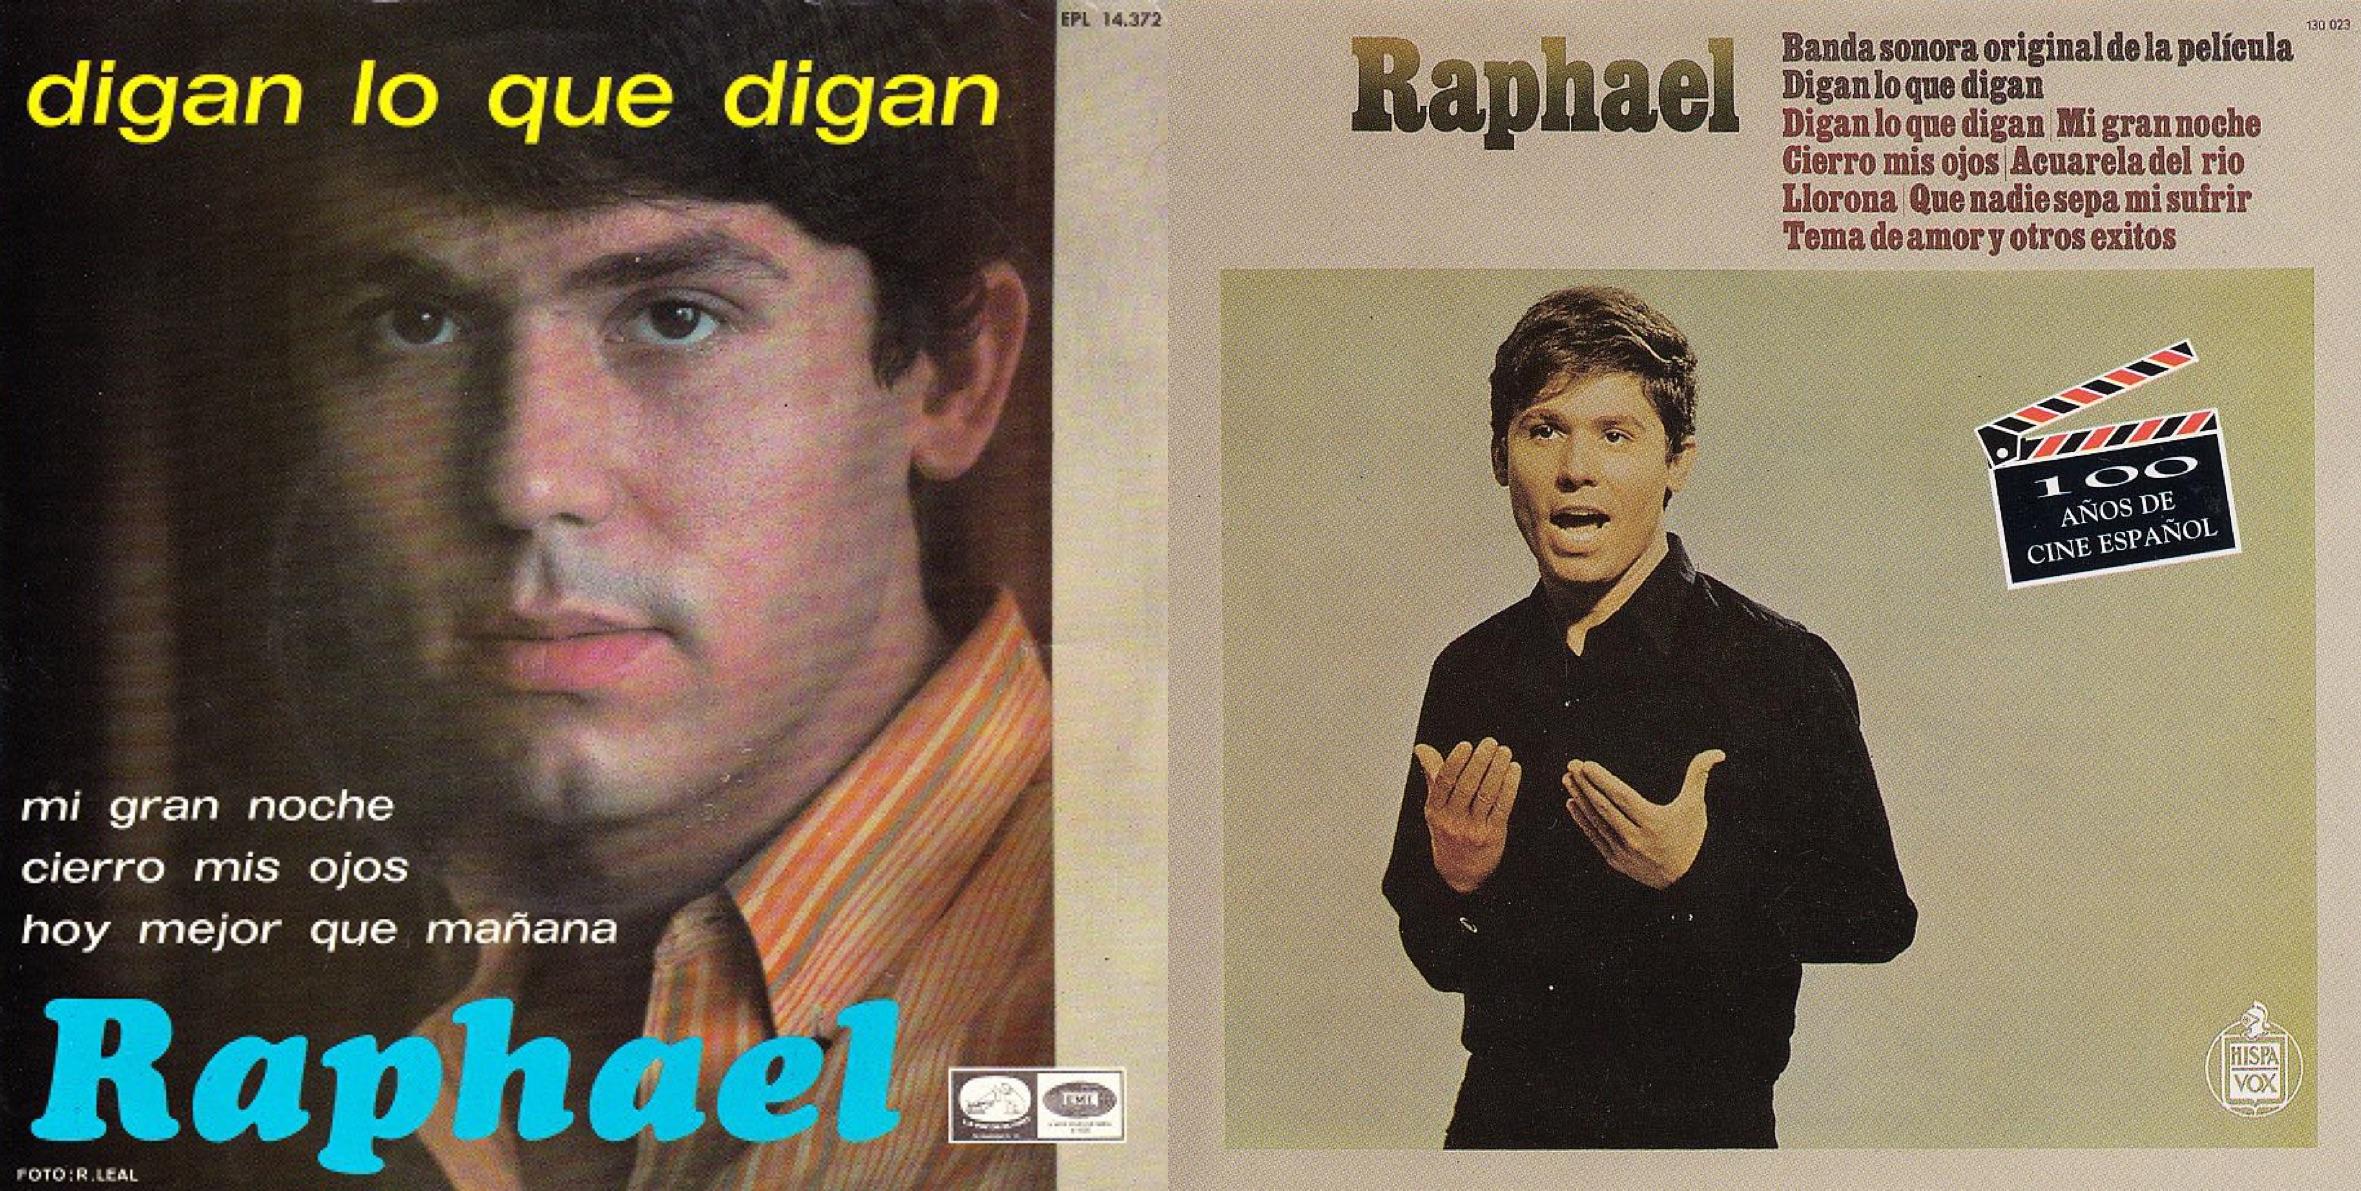 """""""Mi gran noche"""" apareció en un disco EP de 1967 (izq.) y en la banda sonora del filme """"Digan lo que digan"""" de 1968 (der.)."""